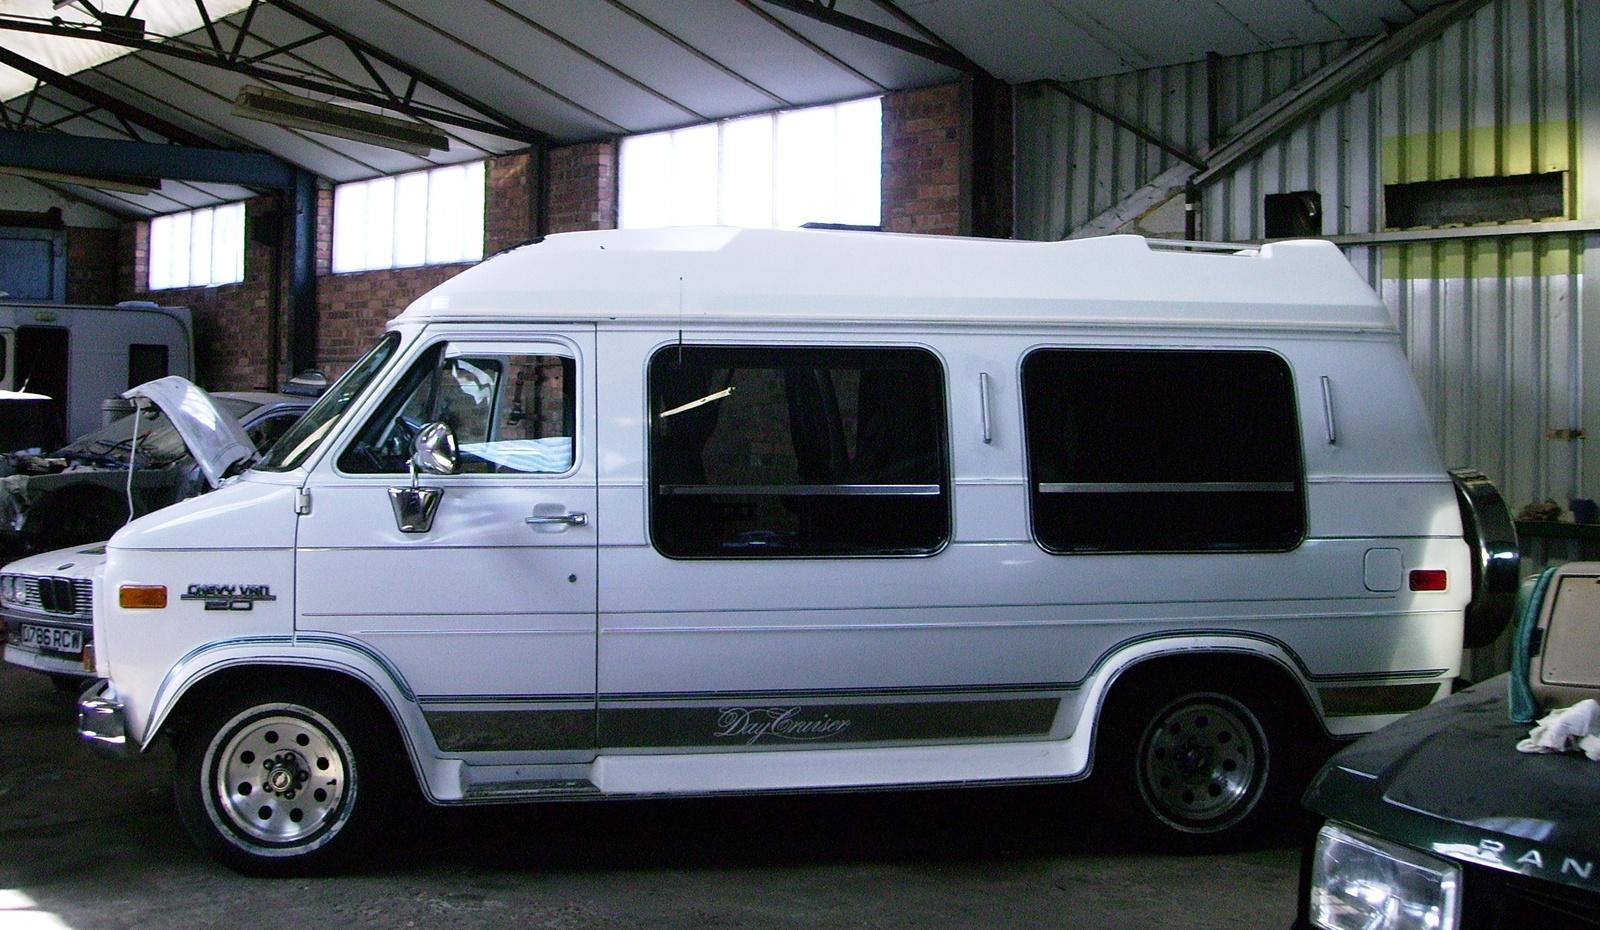 1993 Chevrolet Chevy Van 3 Dr G20 Cargo Van picture, exterior